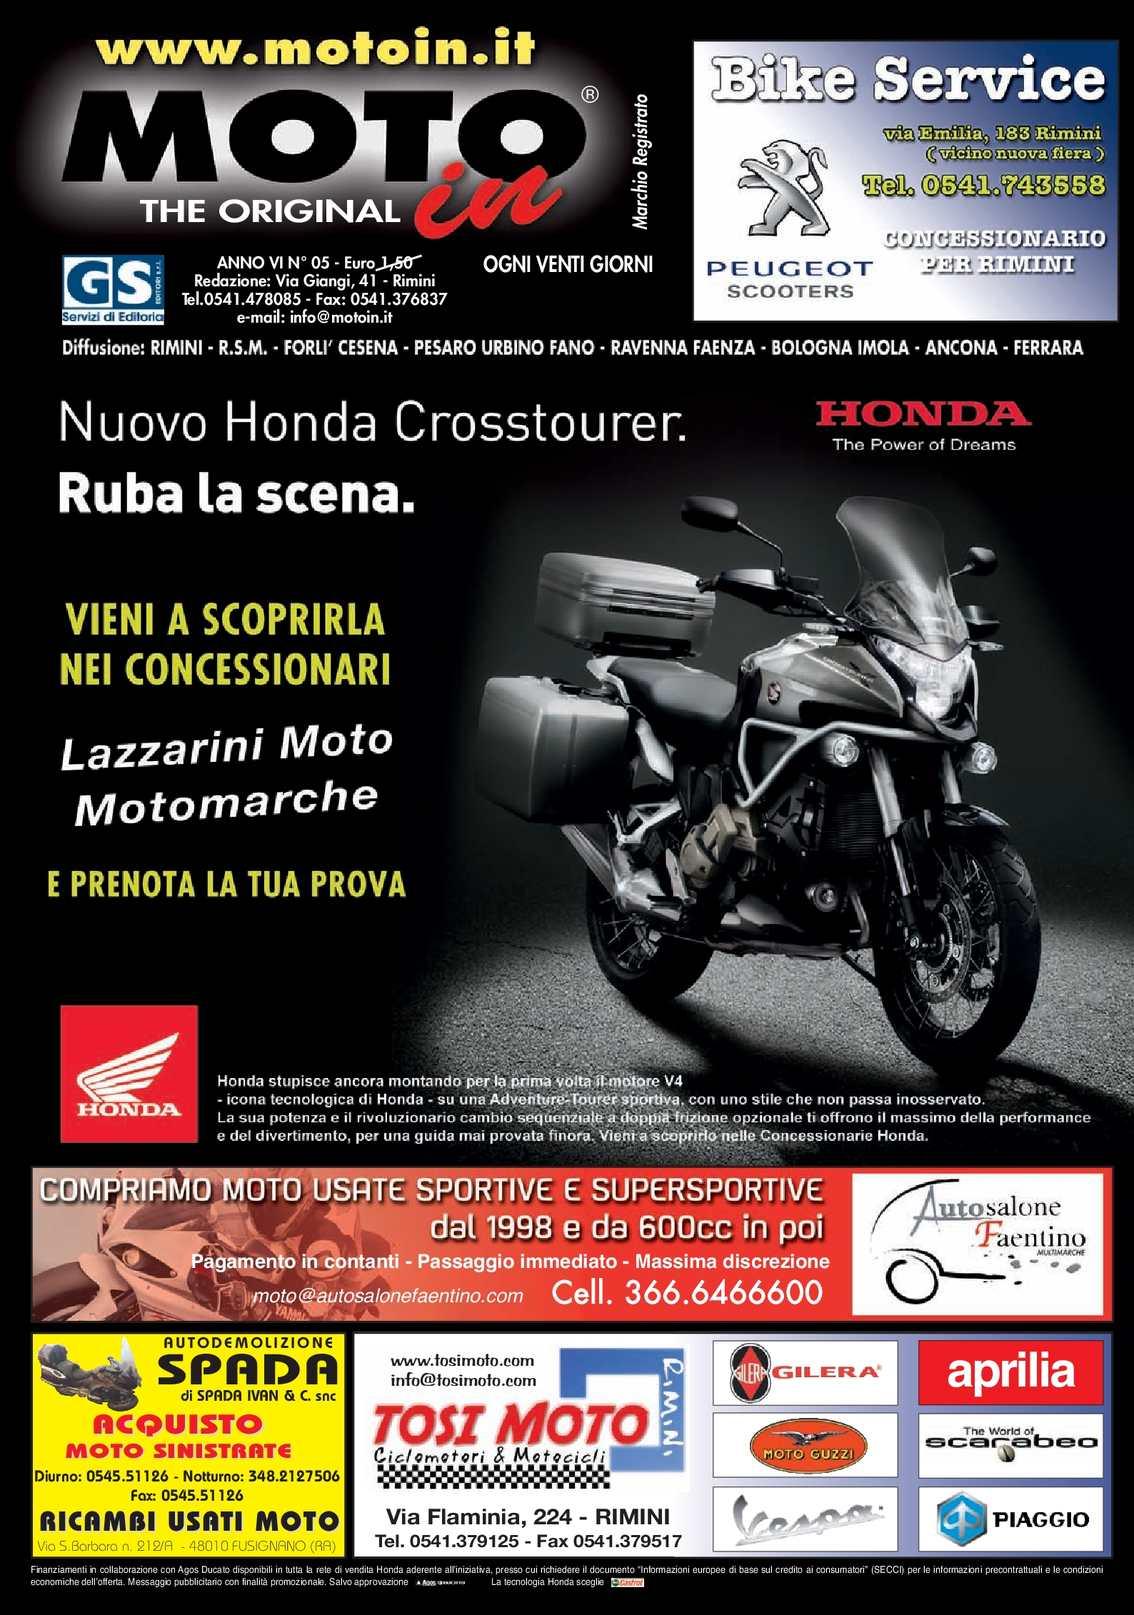 YSMOTO Protezione per Catena della Moto 2017 Moto da Cross 2009 2012 per Honda CRF150F CRF230F 2003